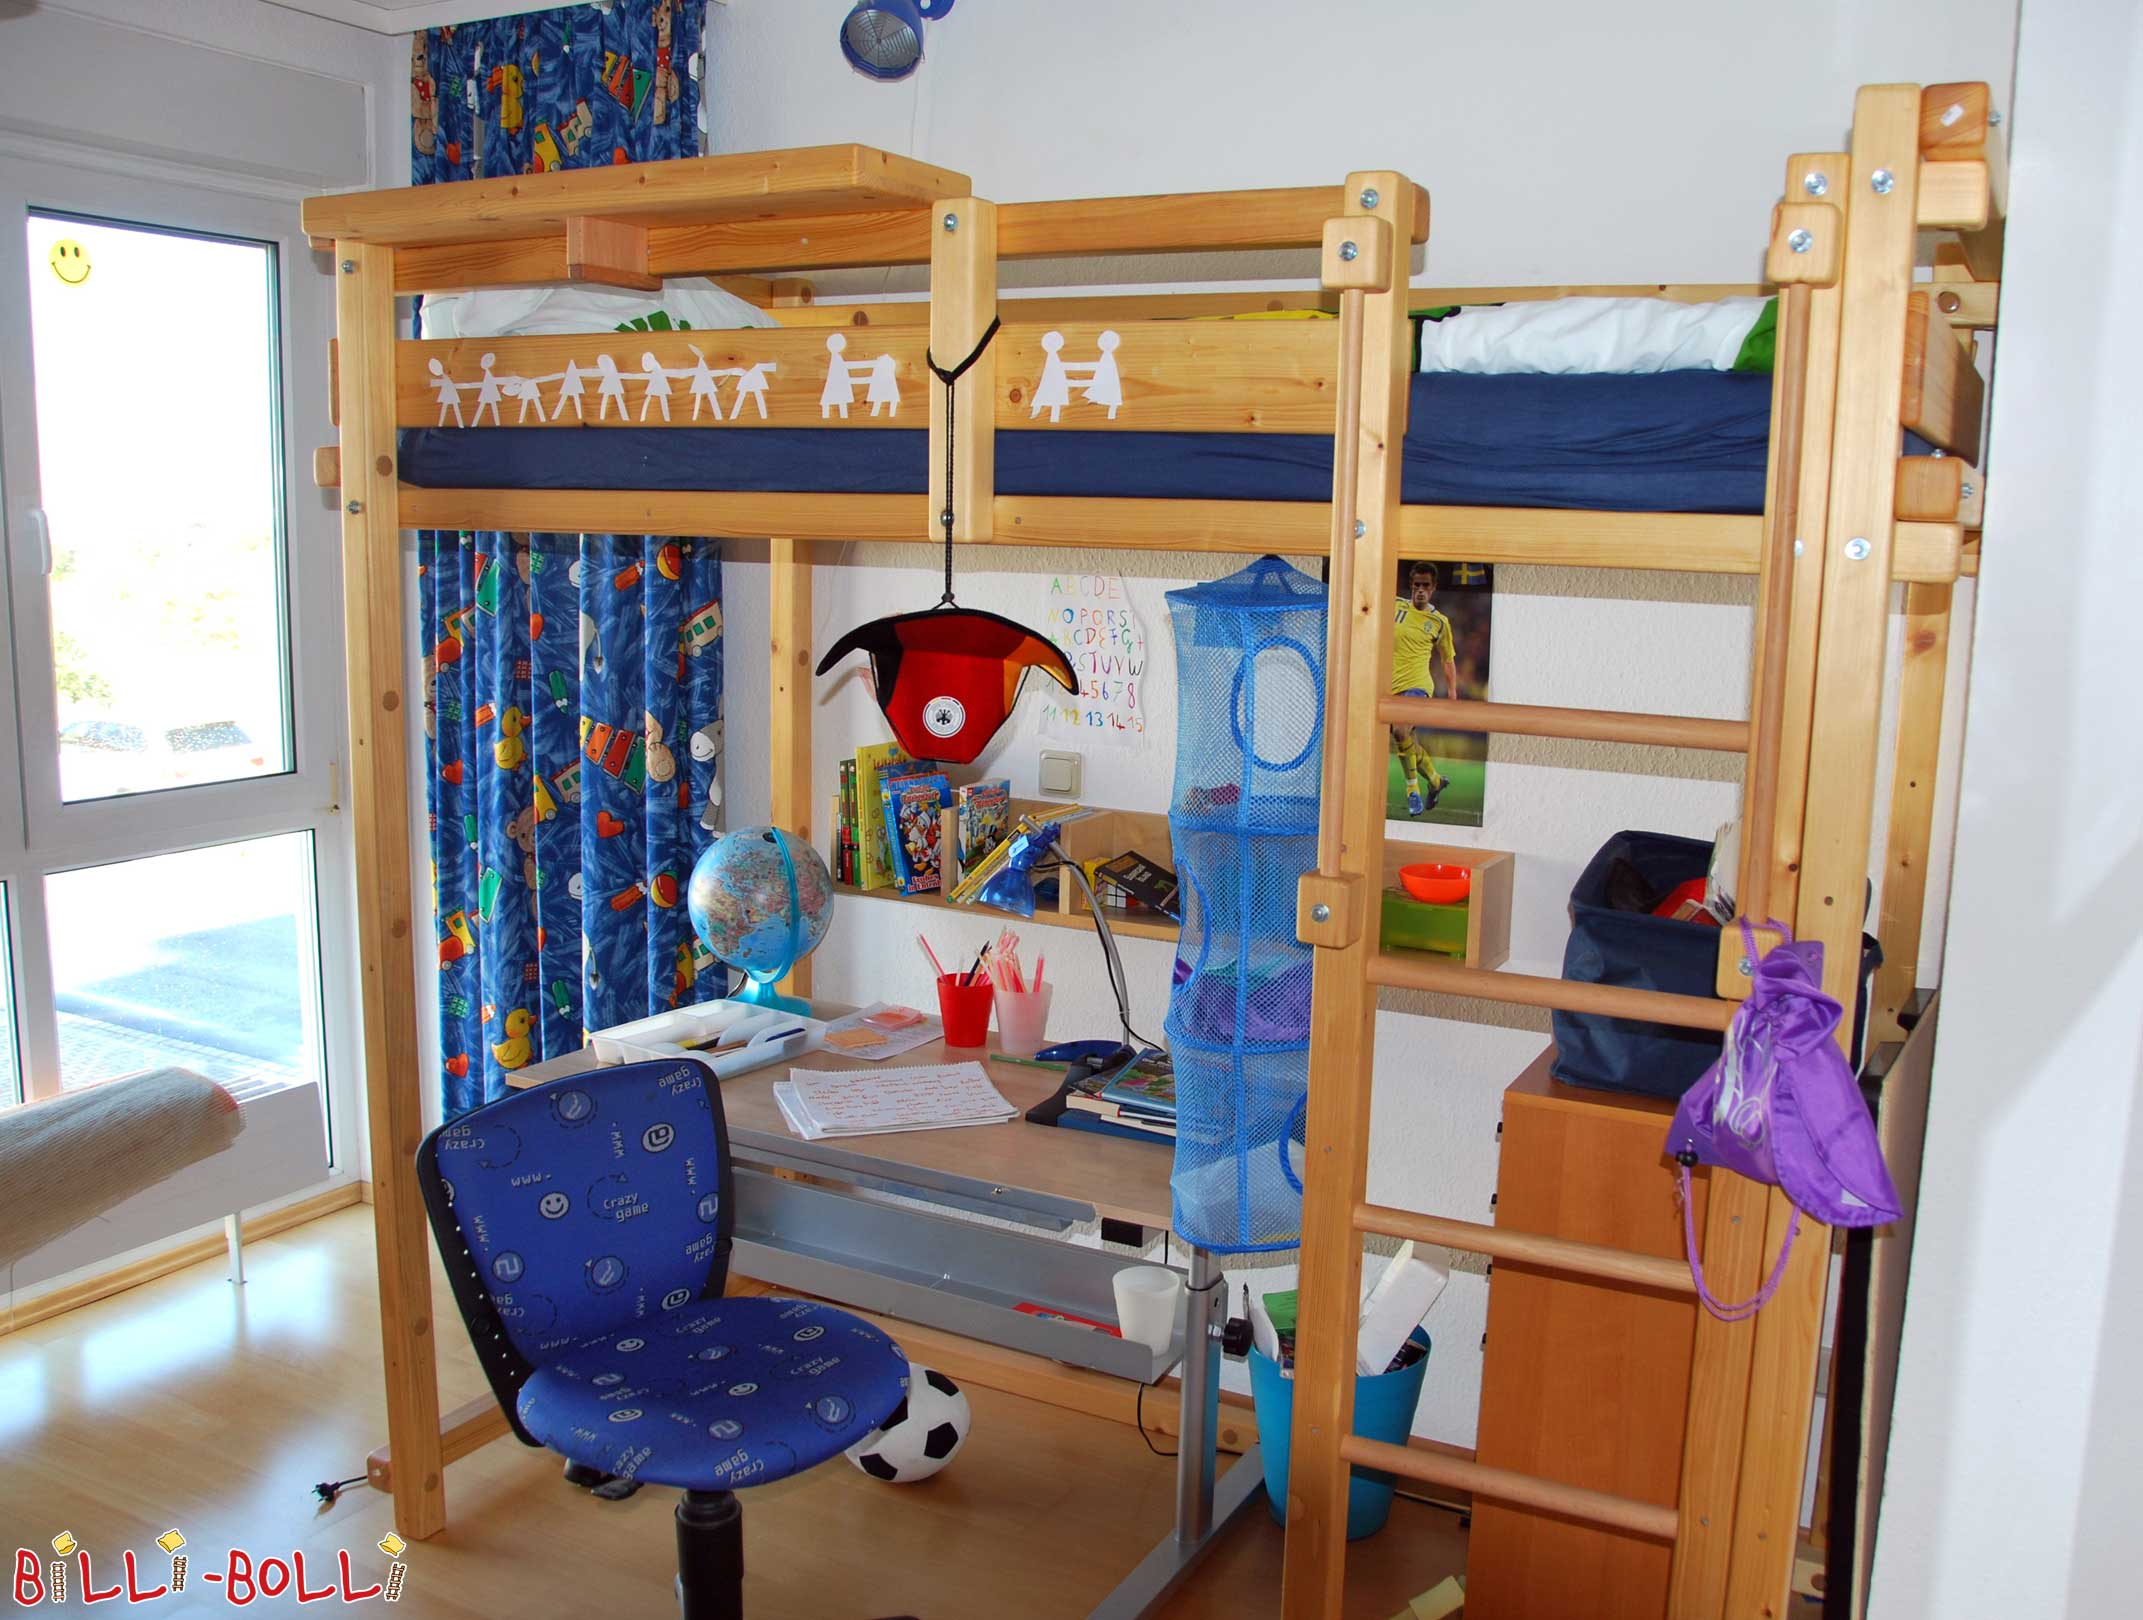 Letto a soppalco per ragazzi mobili per bambini da billi - Mobili per bambini ...